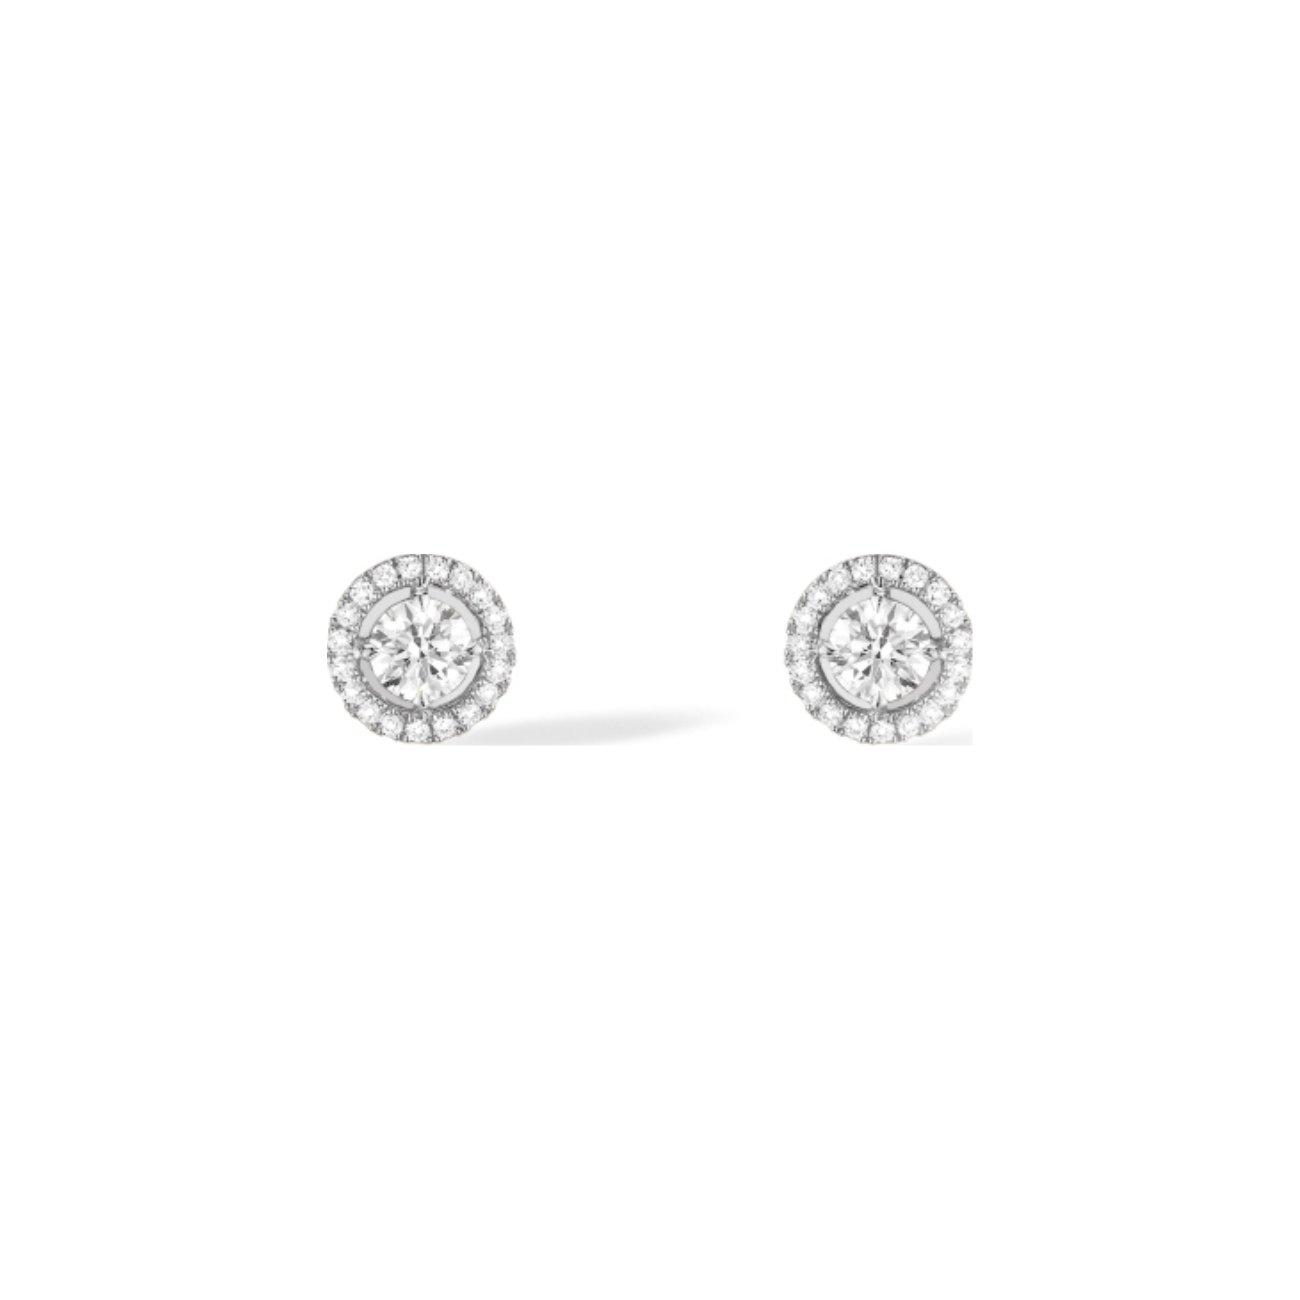 Boucles d'oreilles puces Messika Joy en or blanc et diamants vue 1